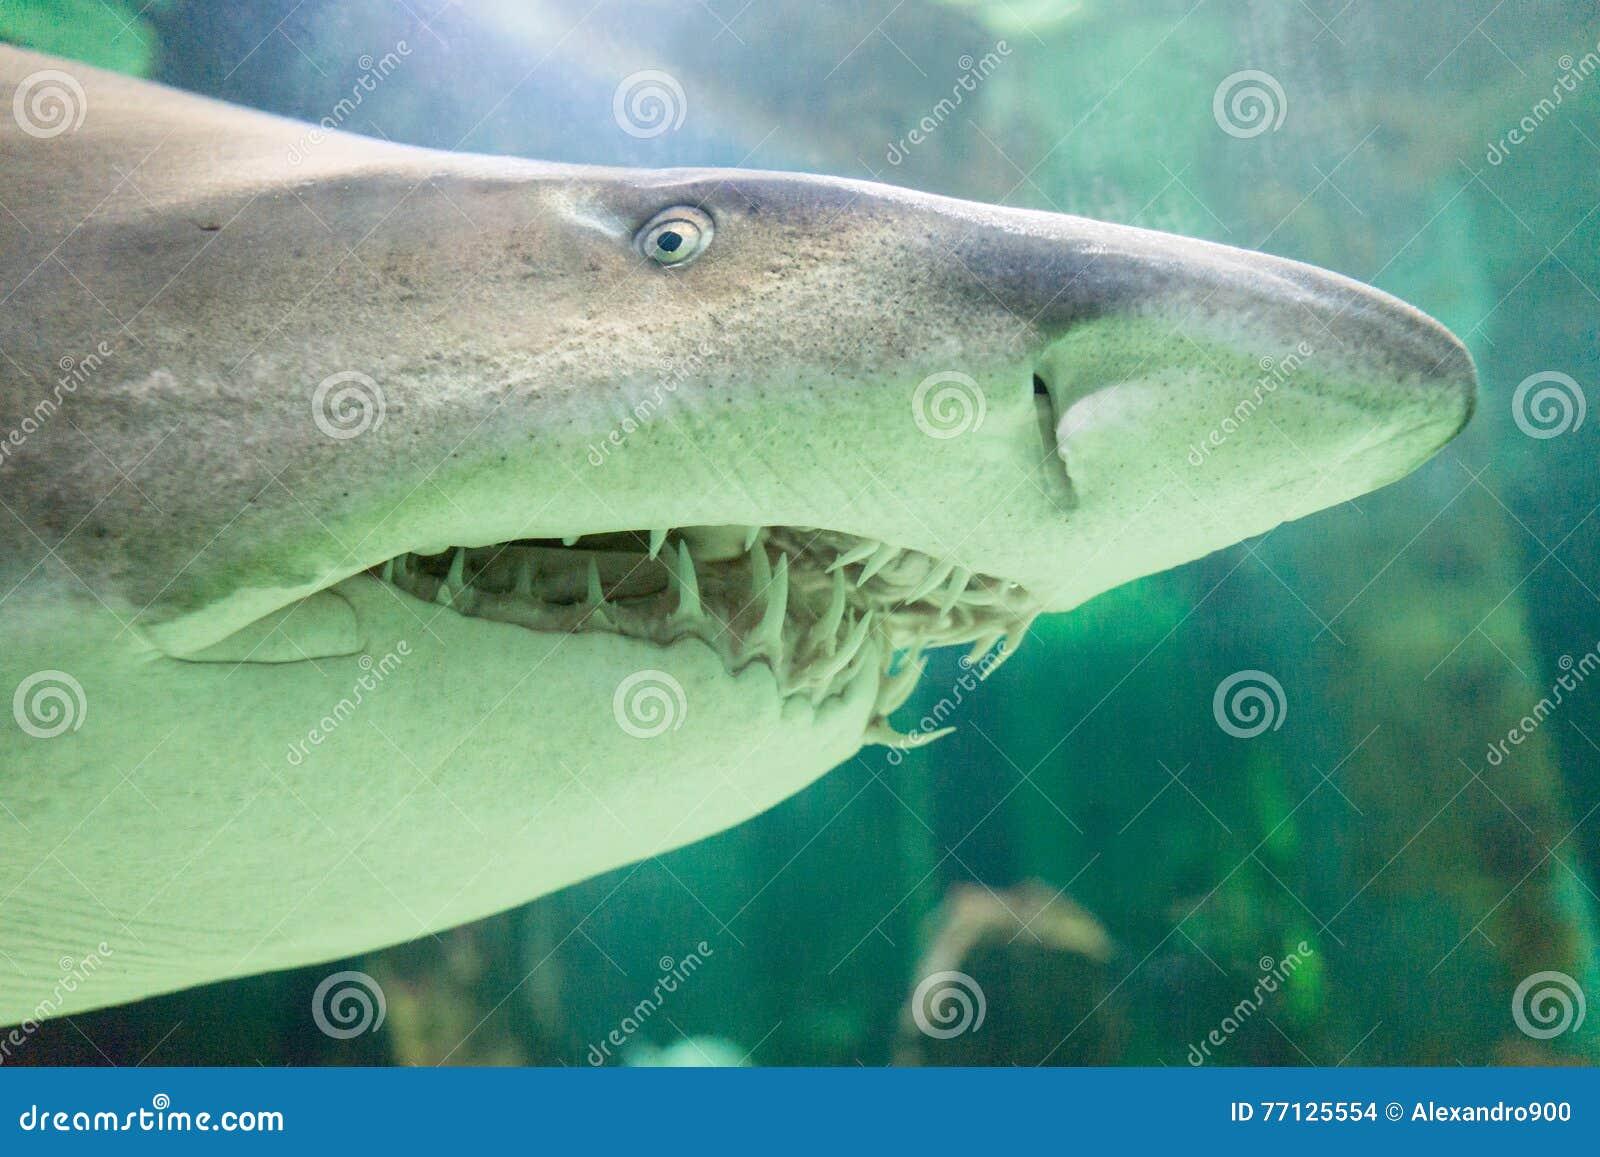 Bull shark stock photo  Image of background, dangerous